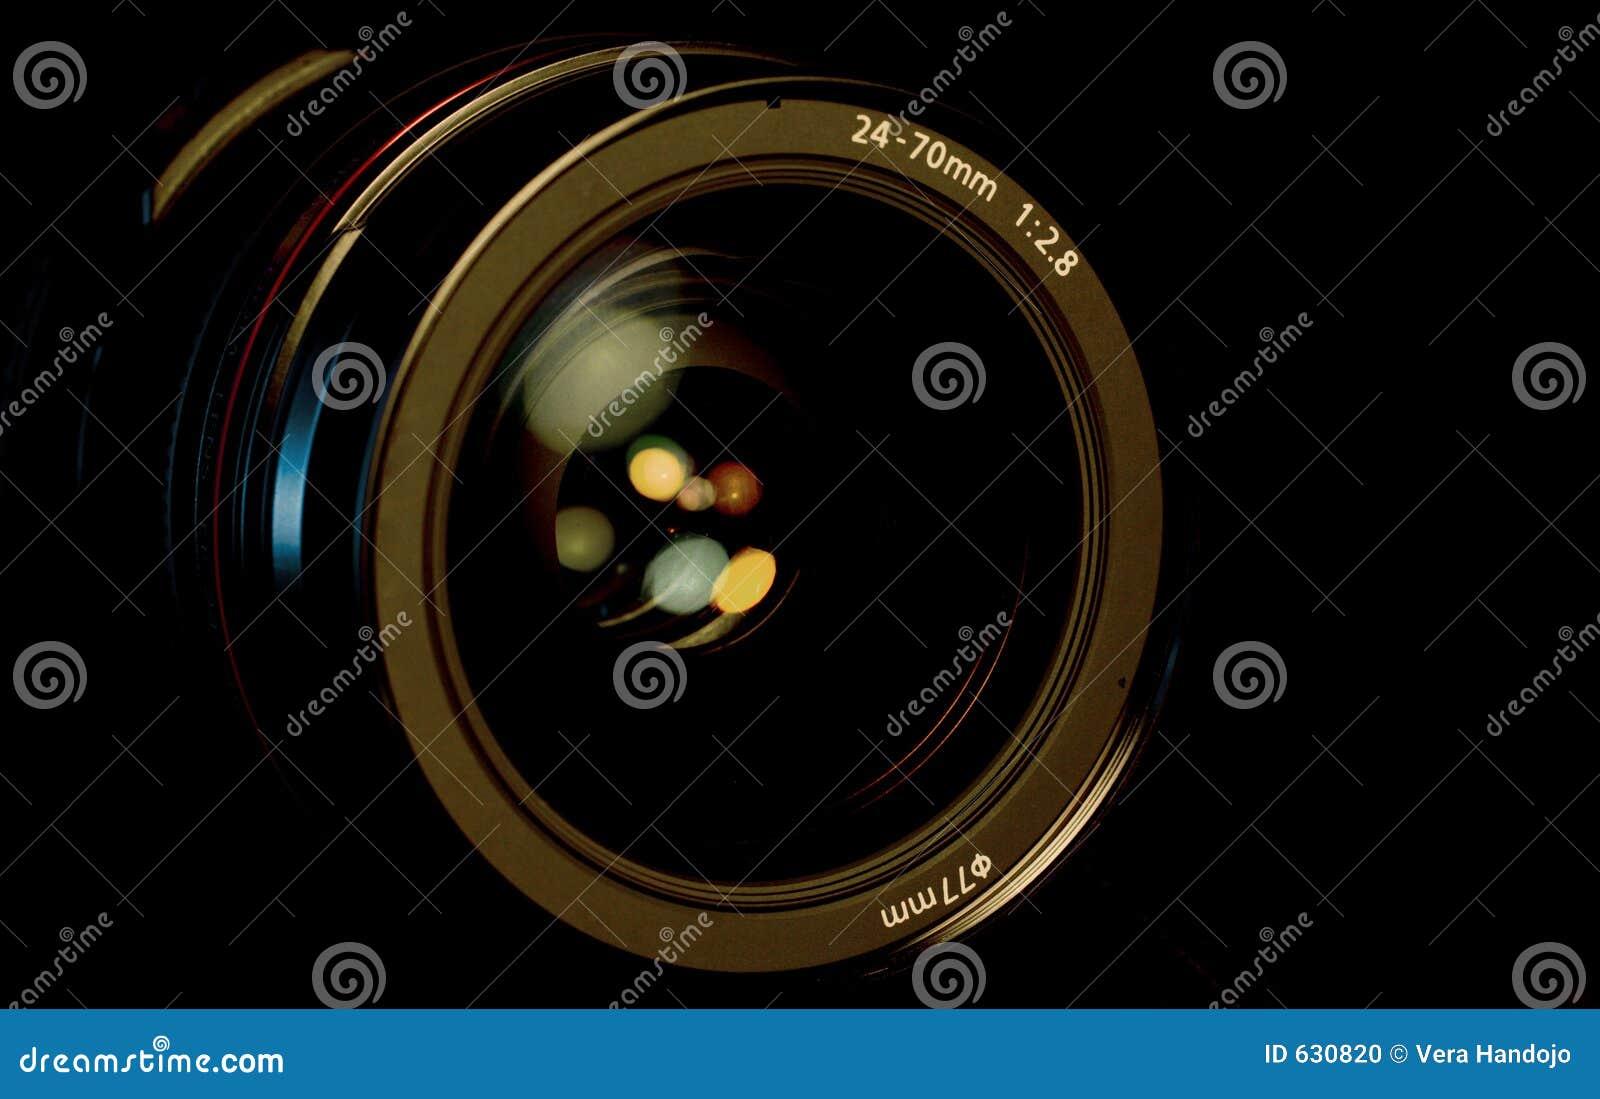 SLR Kamery Obiektyw